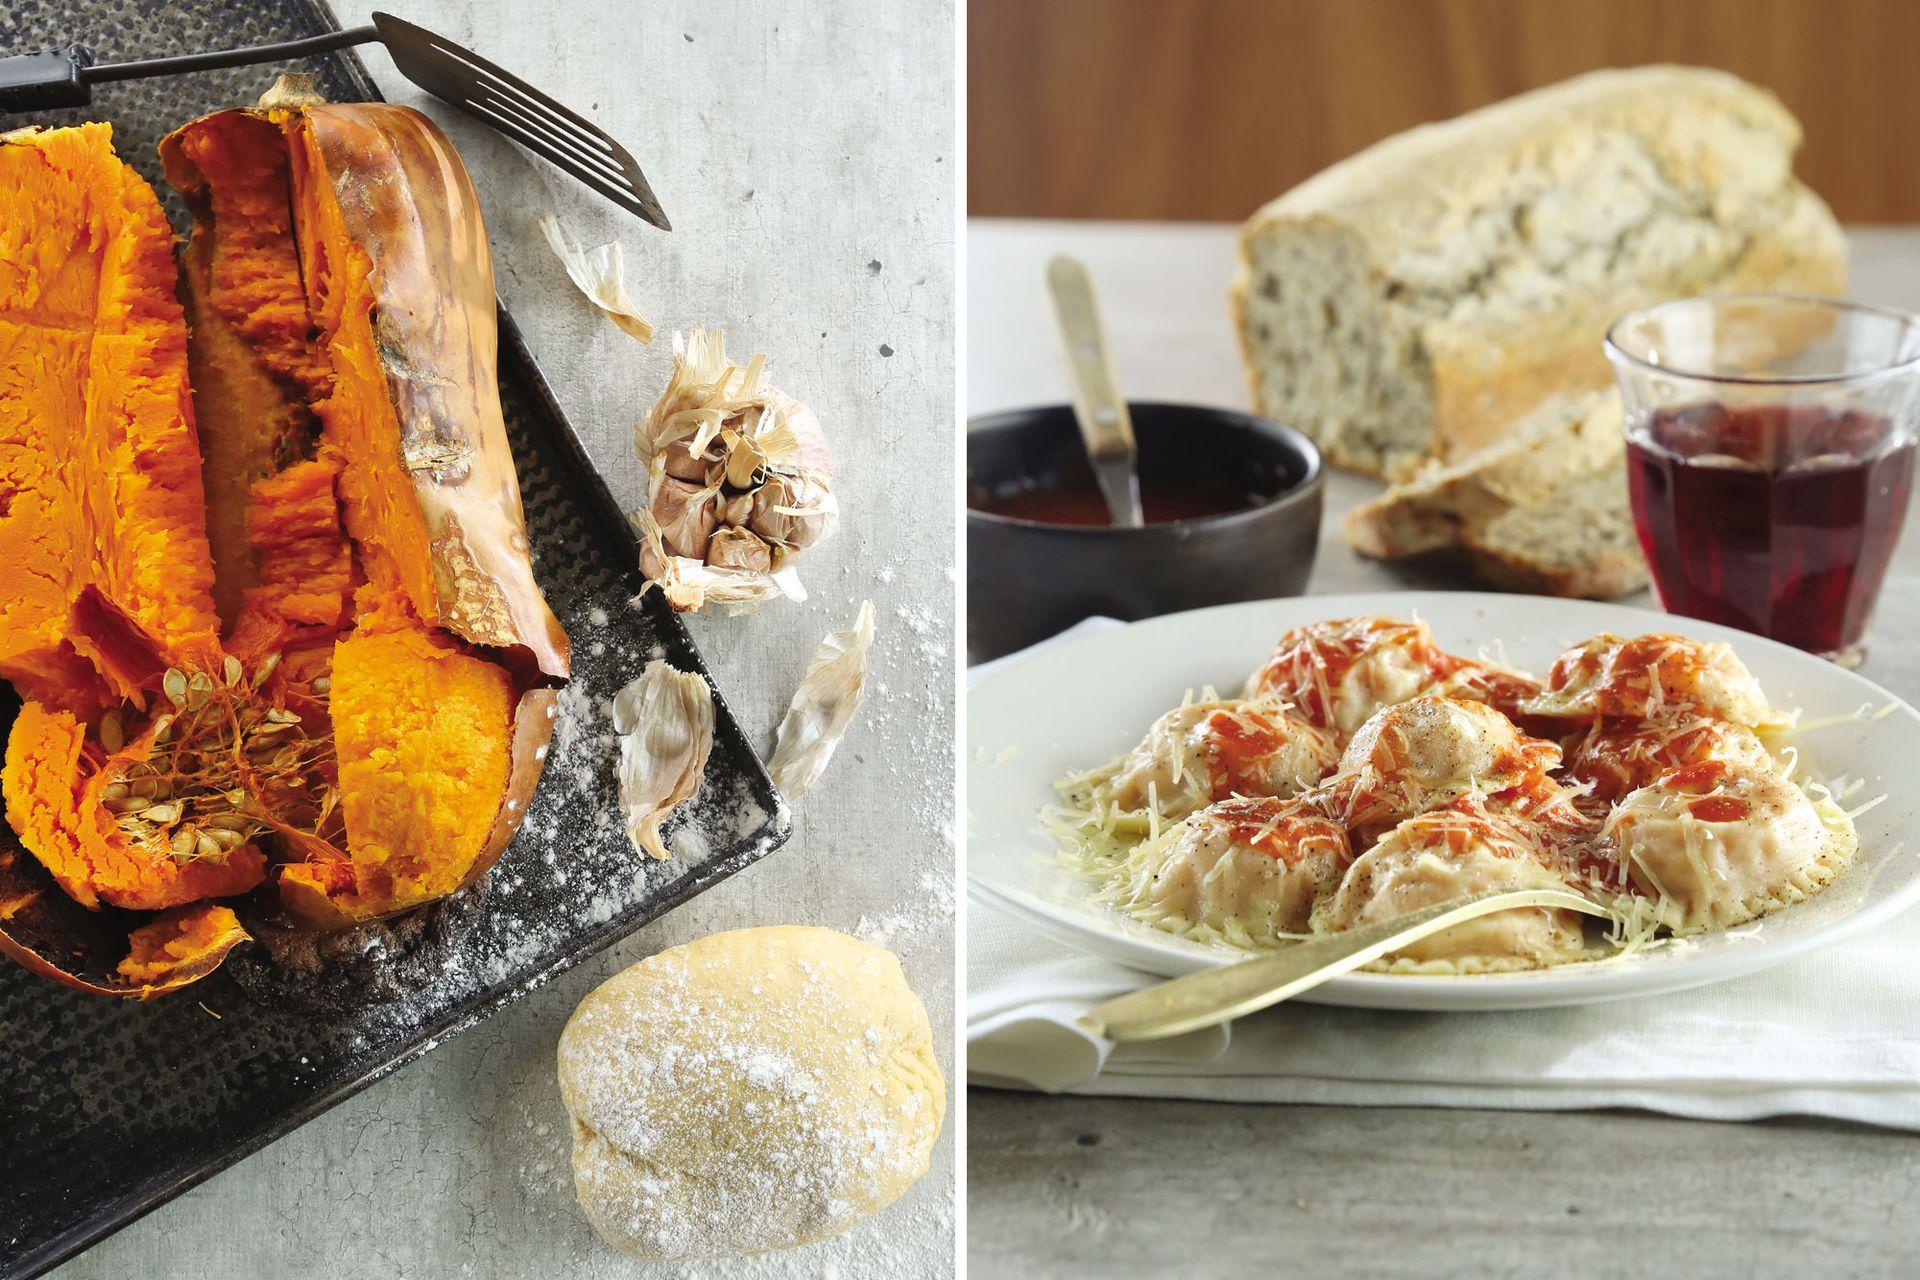 De la huerta al plato: ravioles de calabaza, un exquisito plato principal para los amantes de las pastas.